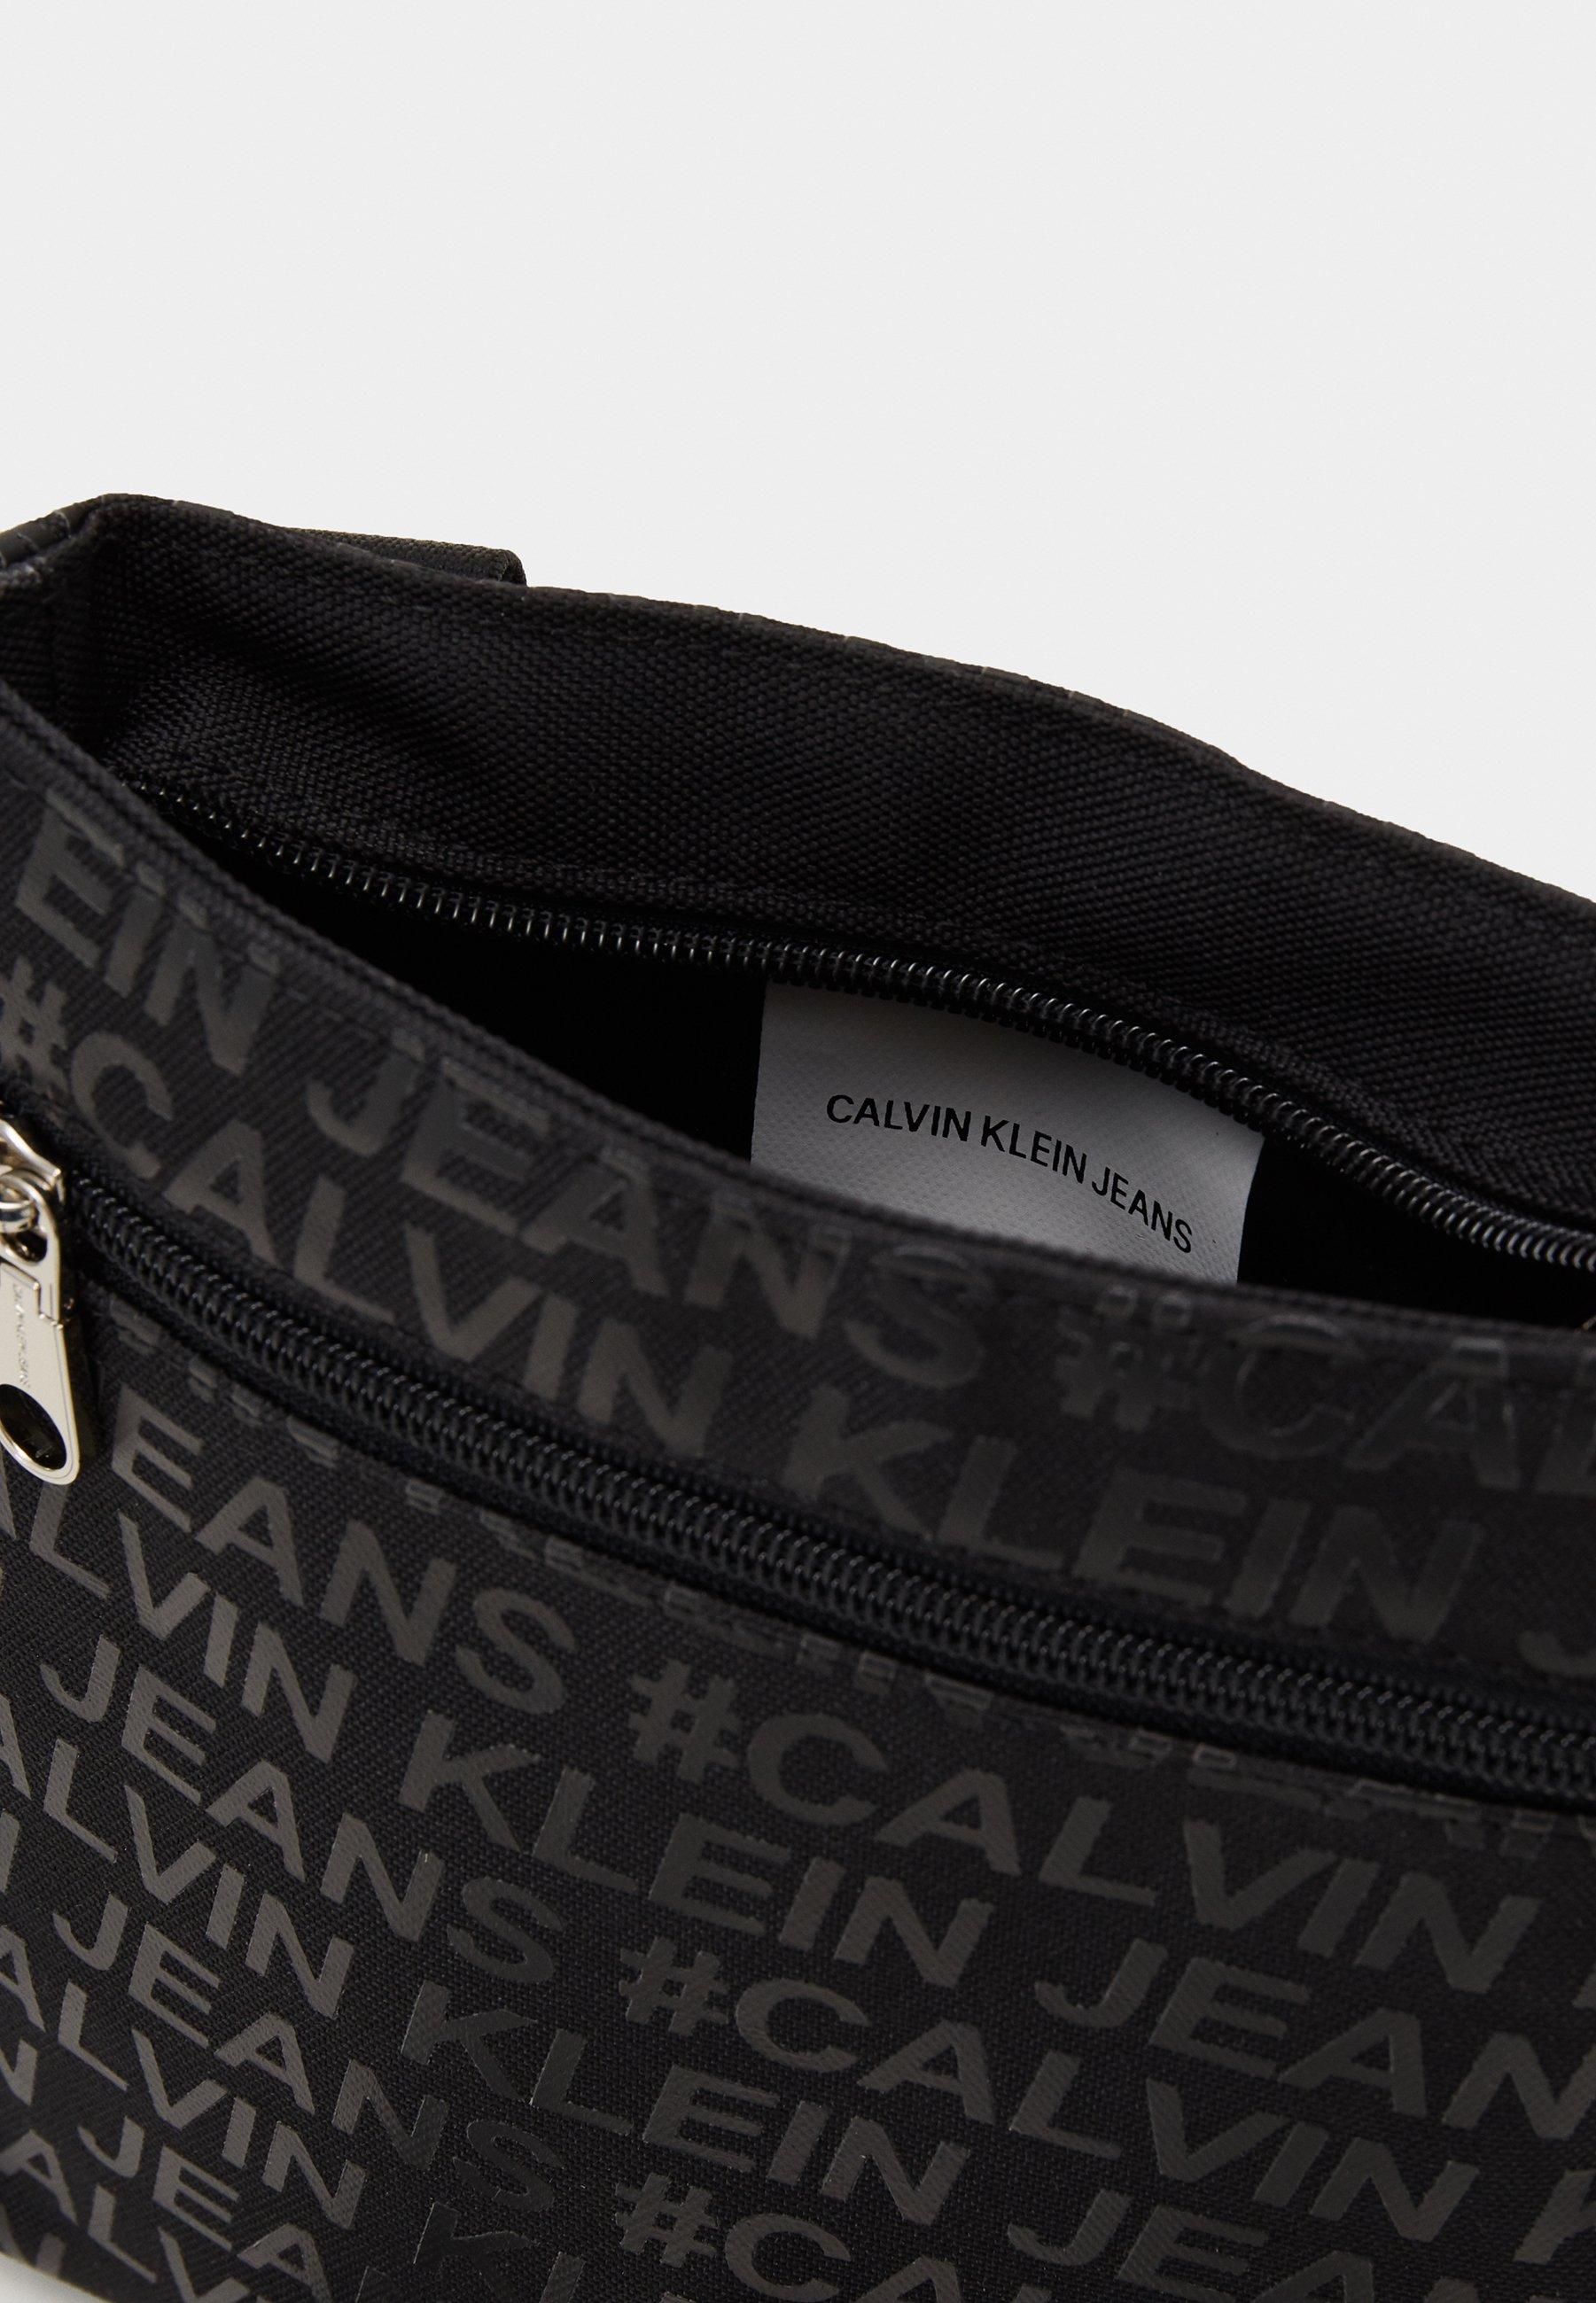 Calvin Klein Jeans SPORT ESSENTIALS - Sac bandoulière - black